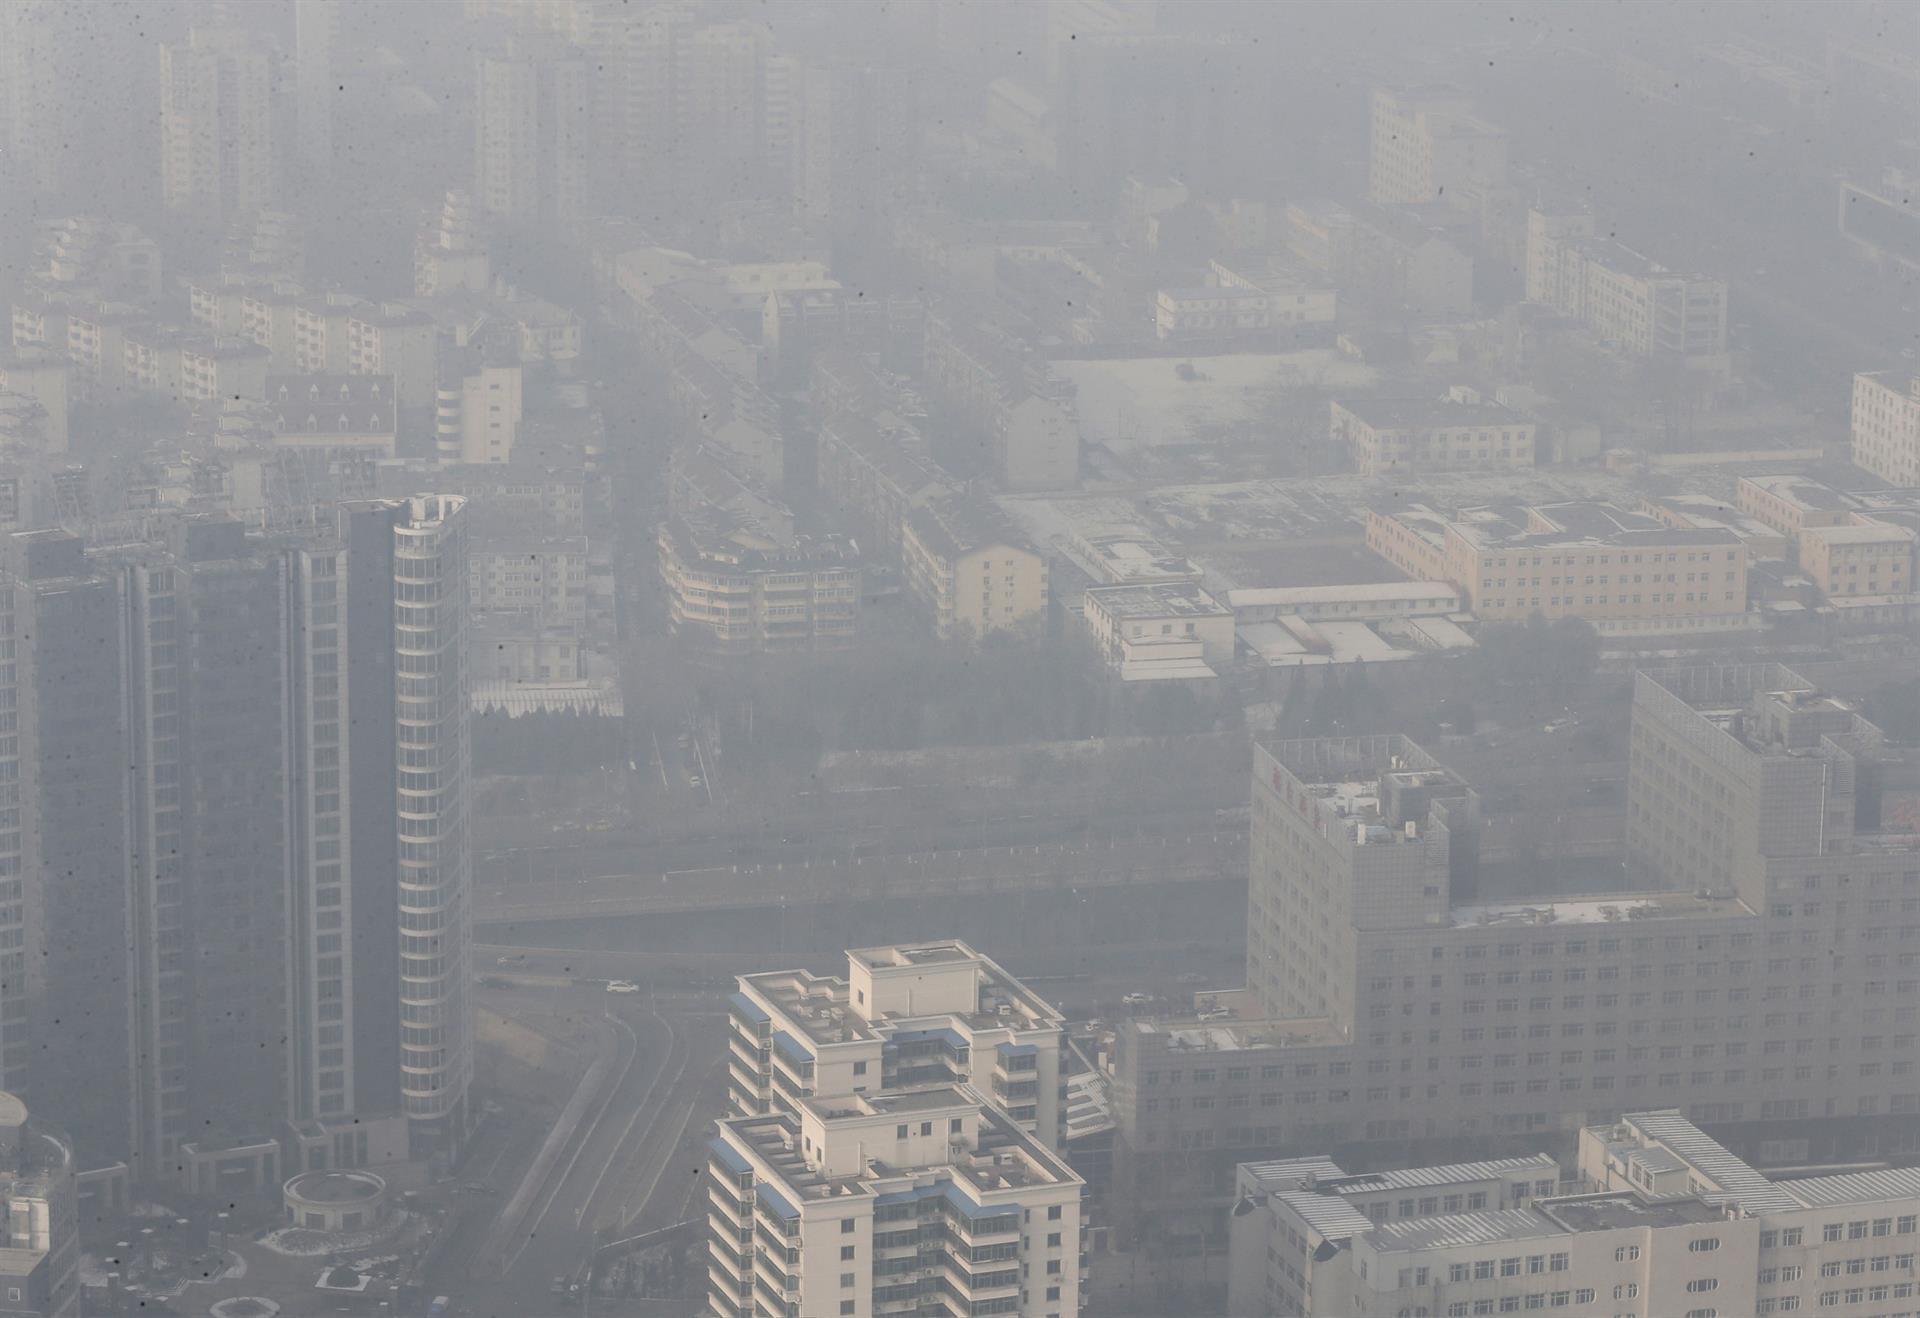 Record nel livello di inquinamento dell'aria a Pechino il 29 novembre scorso. Credit: Rolex Dela Pena EPA.